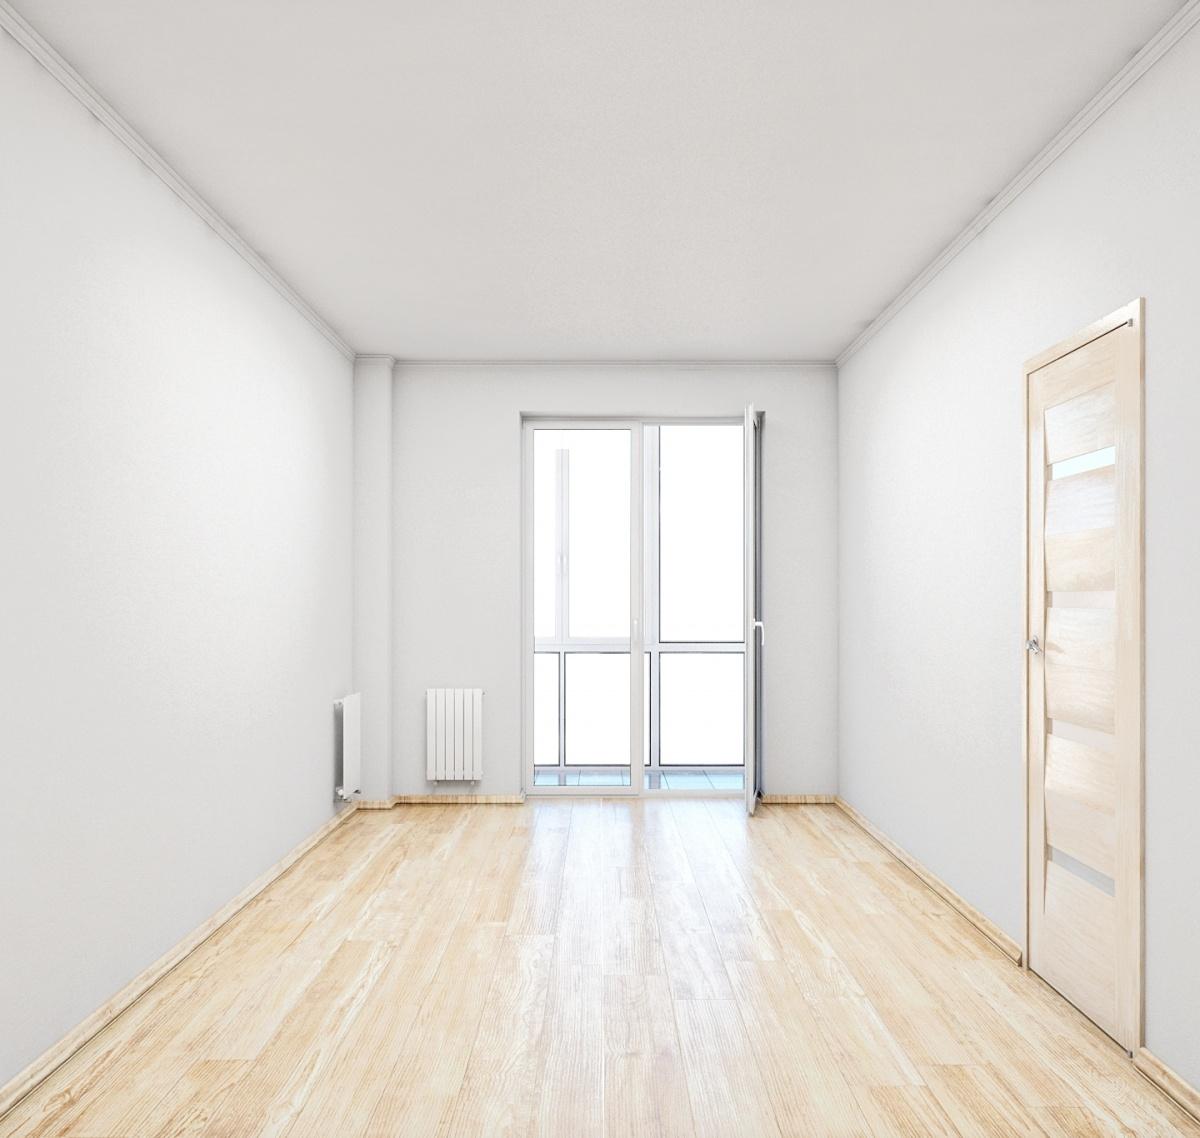 Окна в пол — отличительная черта квартир в «Доме на Опалихинской»